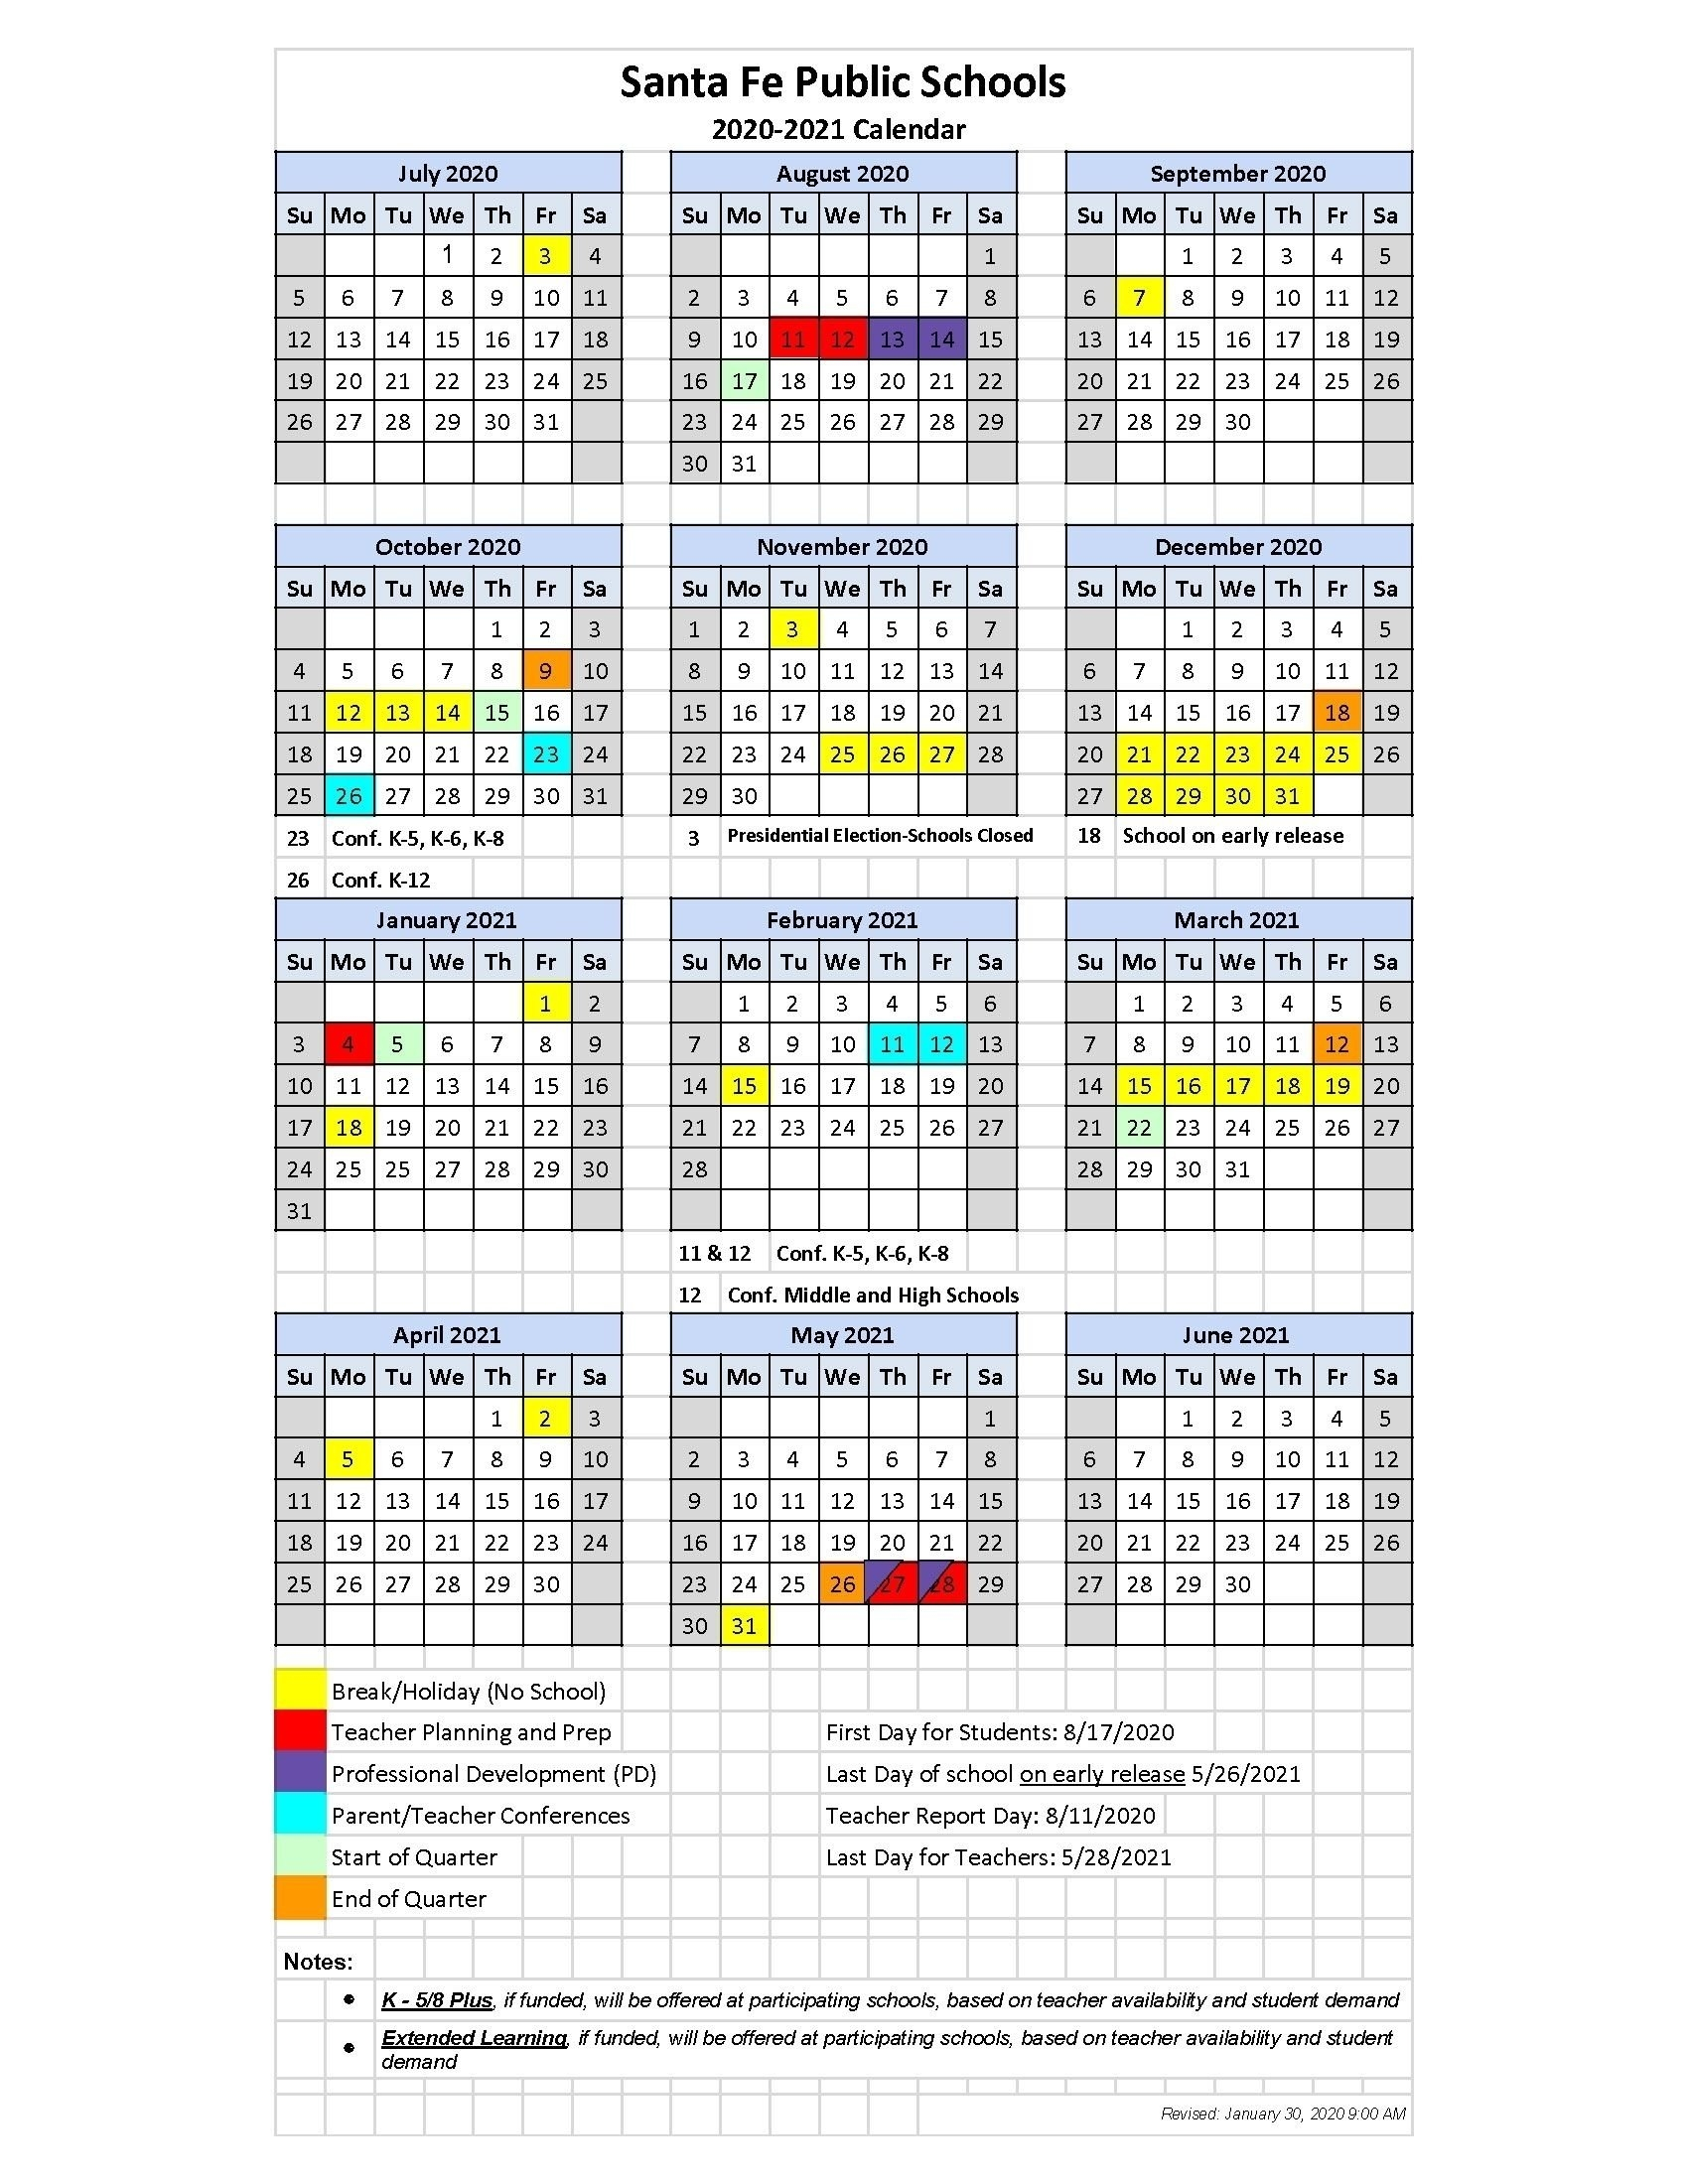 Julian Calendar 2021   Calendar Template 2021 with Julian Calendar Calendars 2021